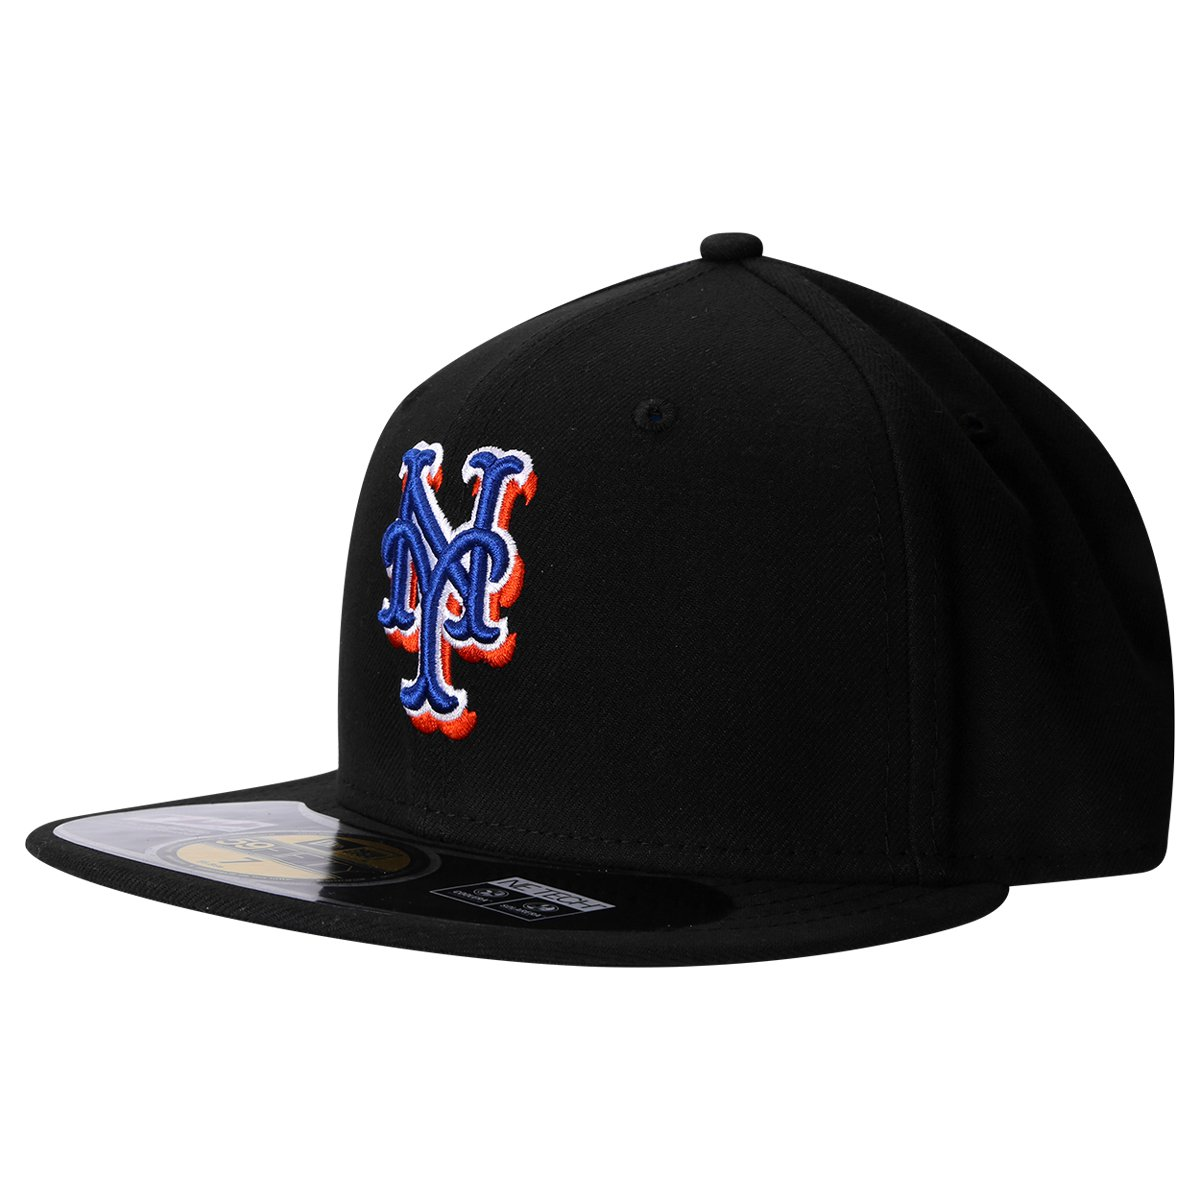 7a60e4554c5e7 Boné New Era 5950 MLB New York Mets - Compre Agora